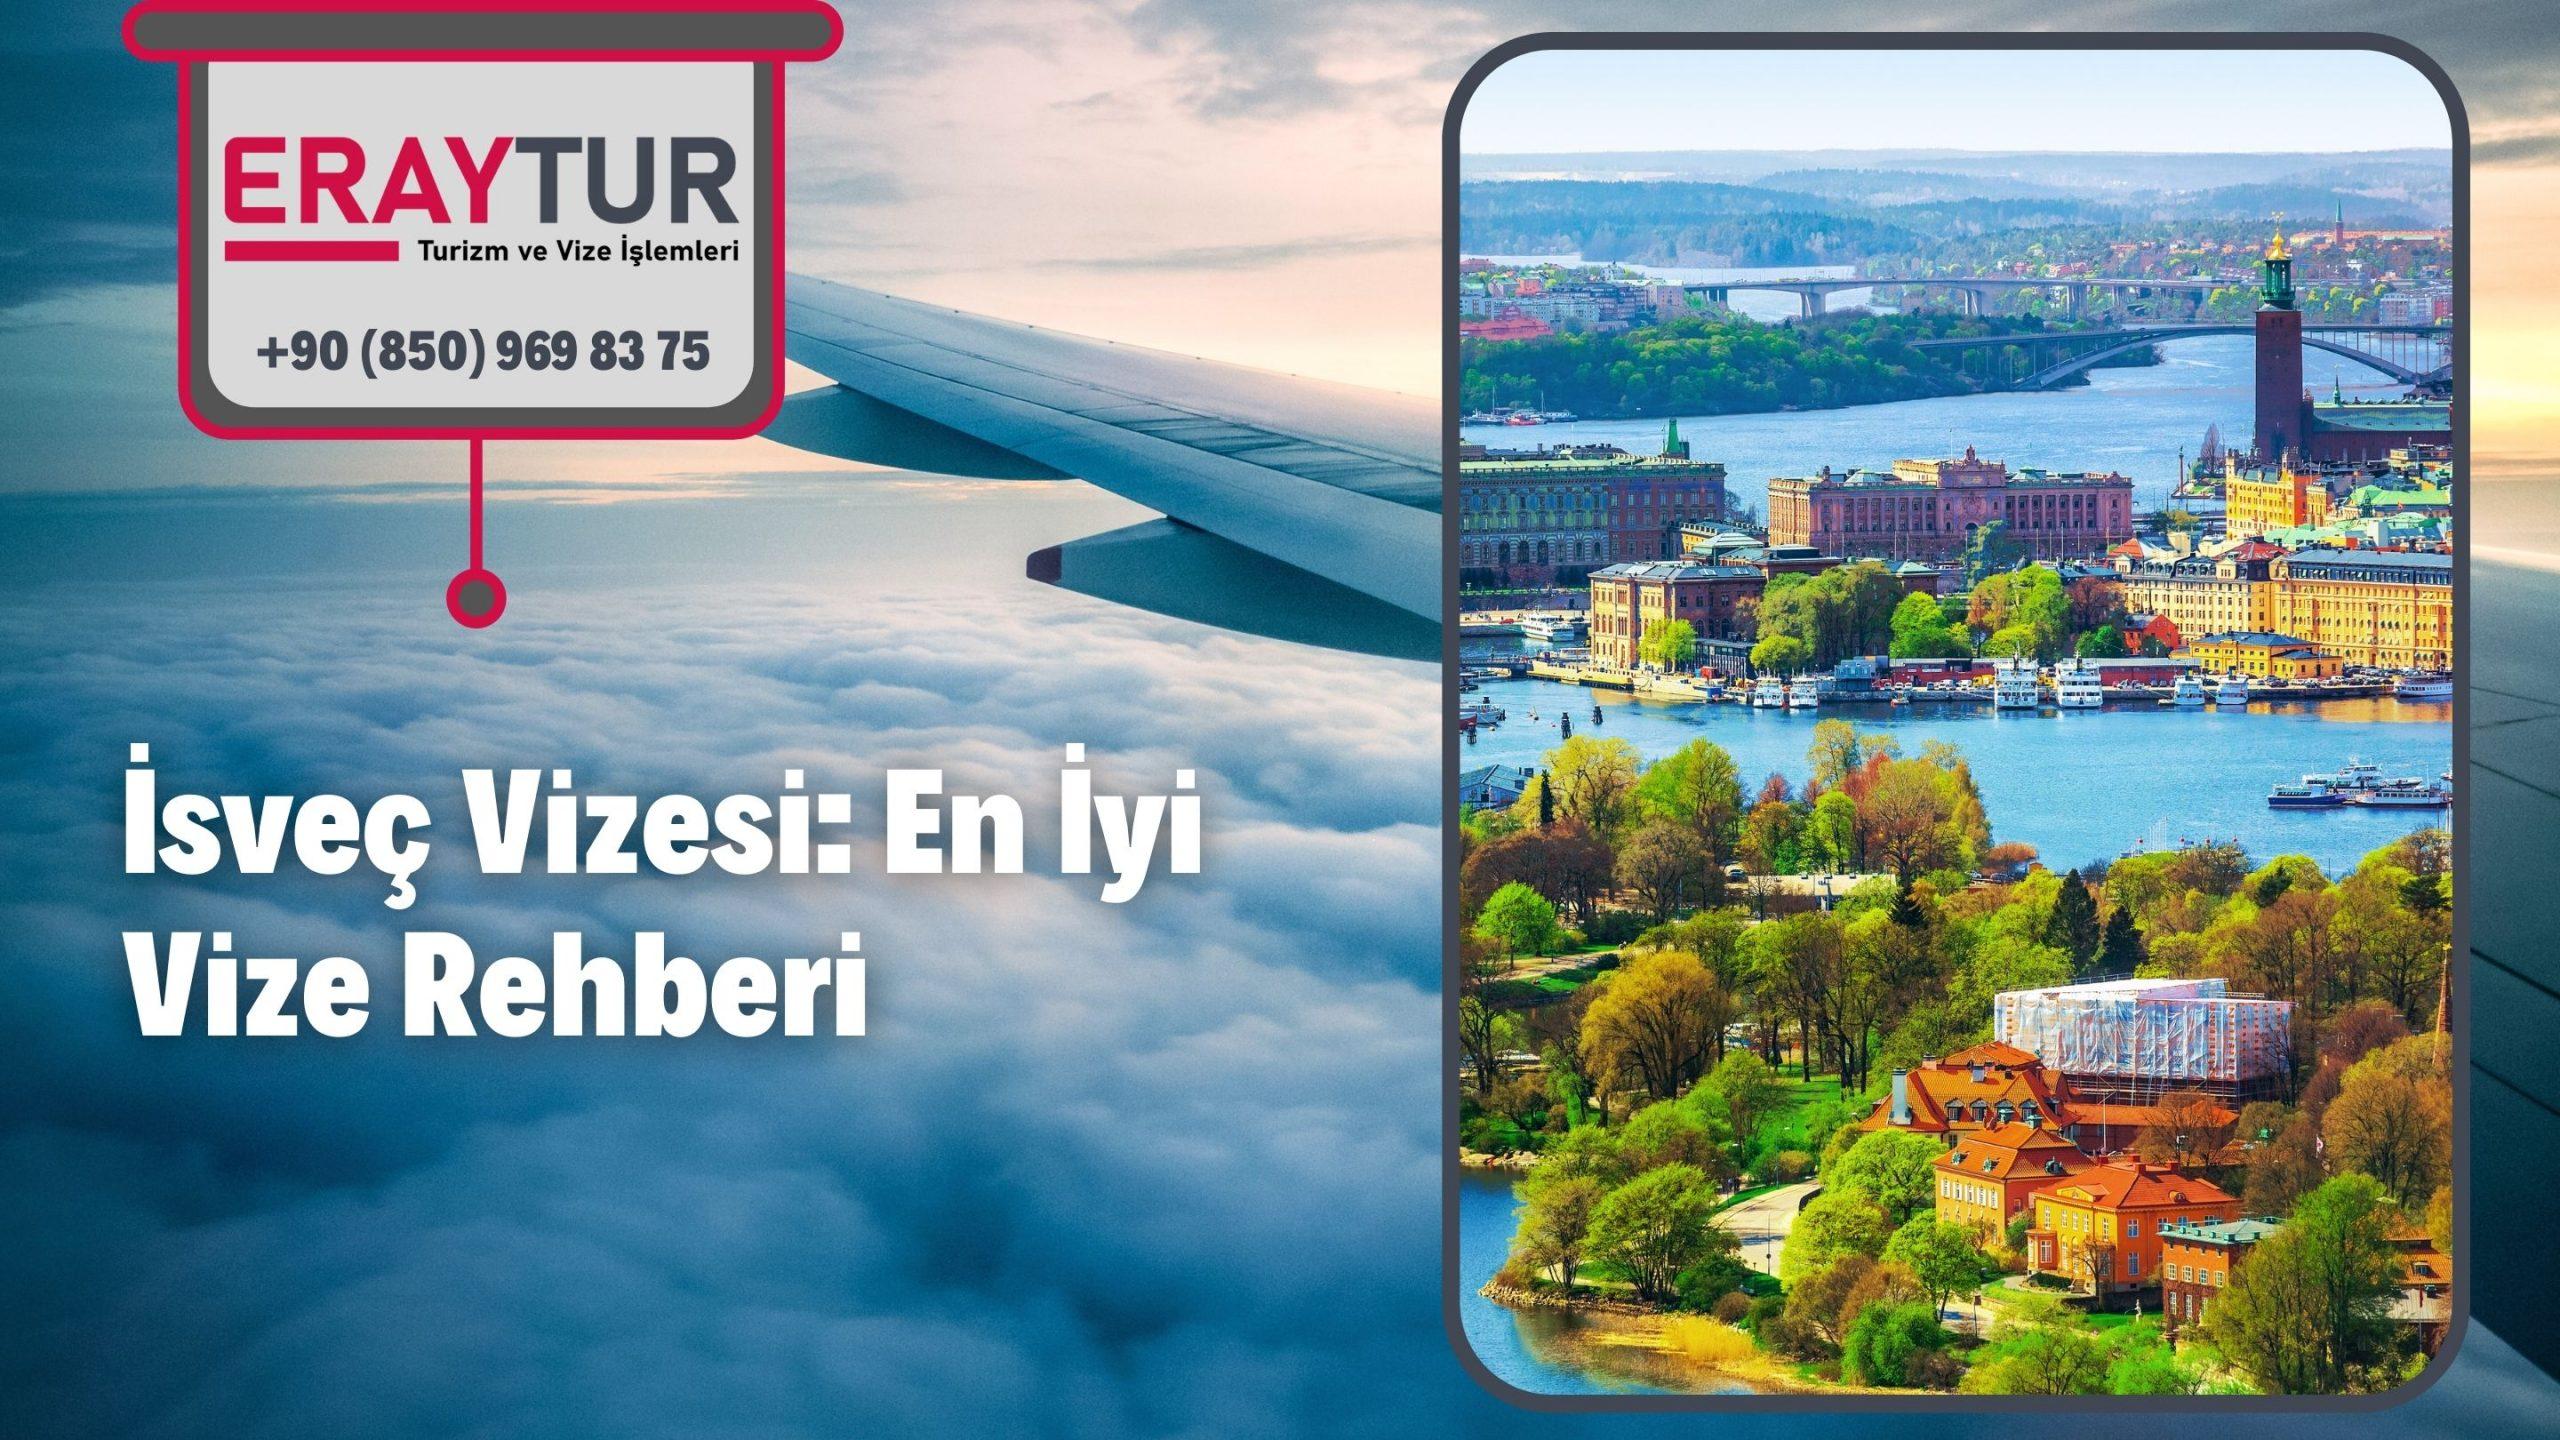 İsveç Vizesi: En İyi Vize Rehberi 2021